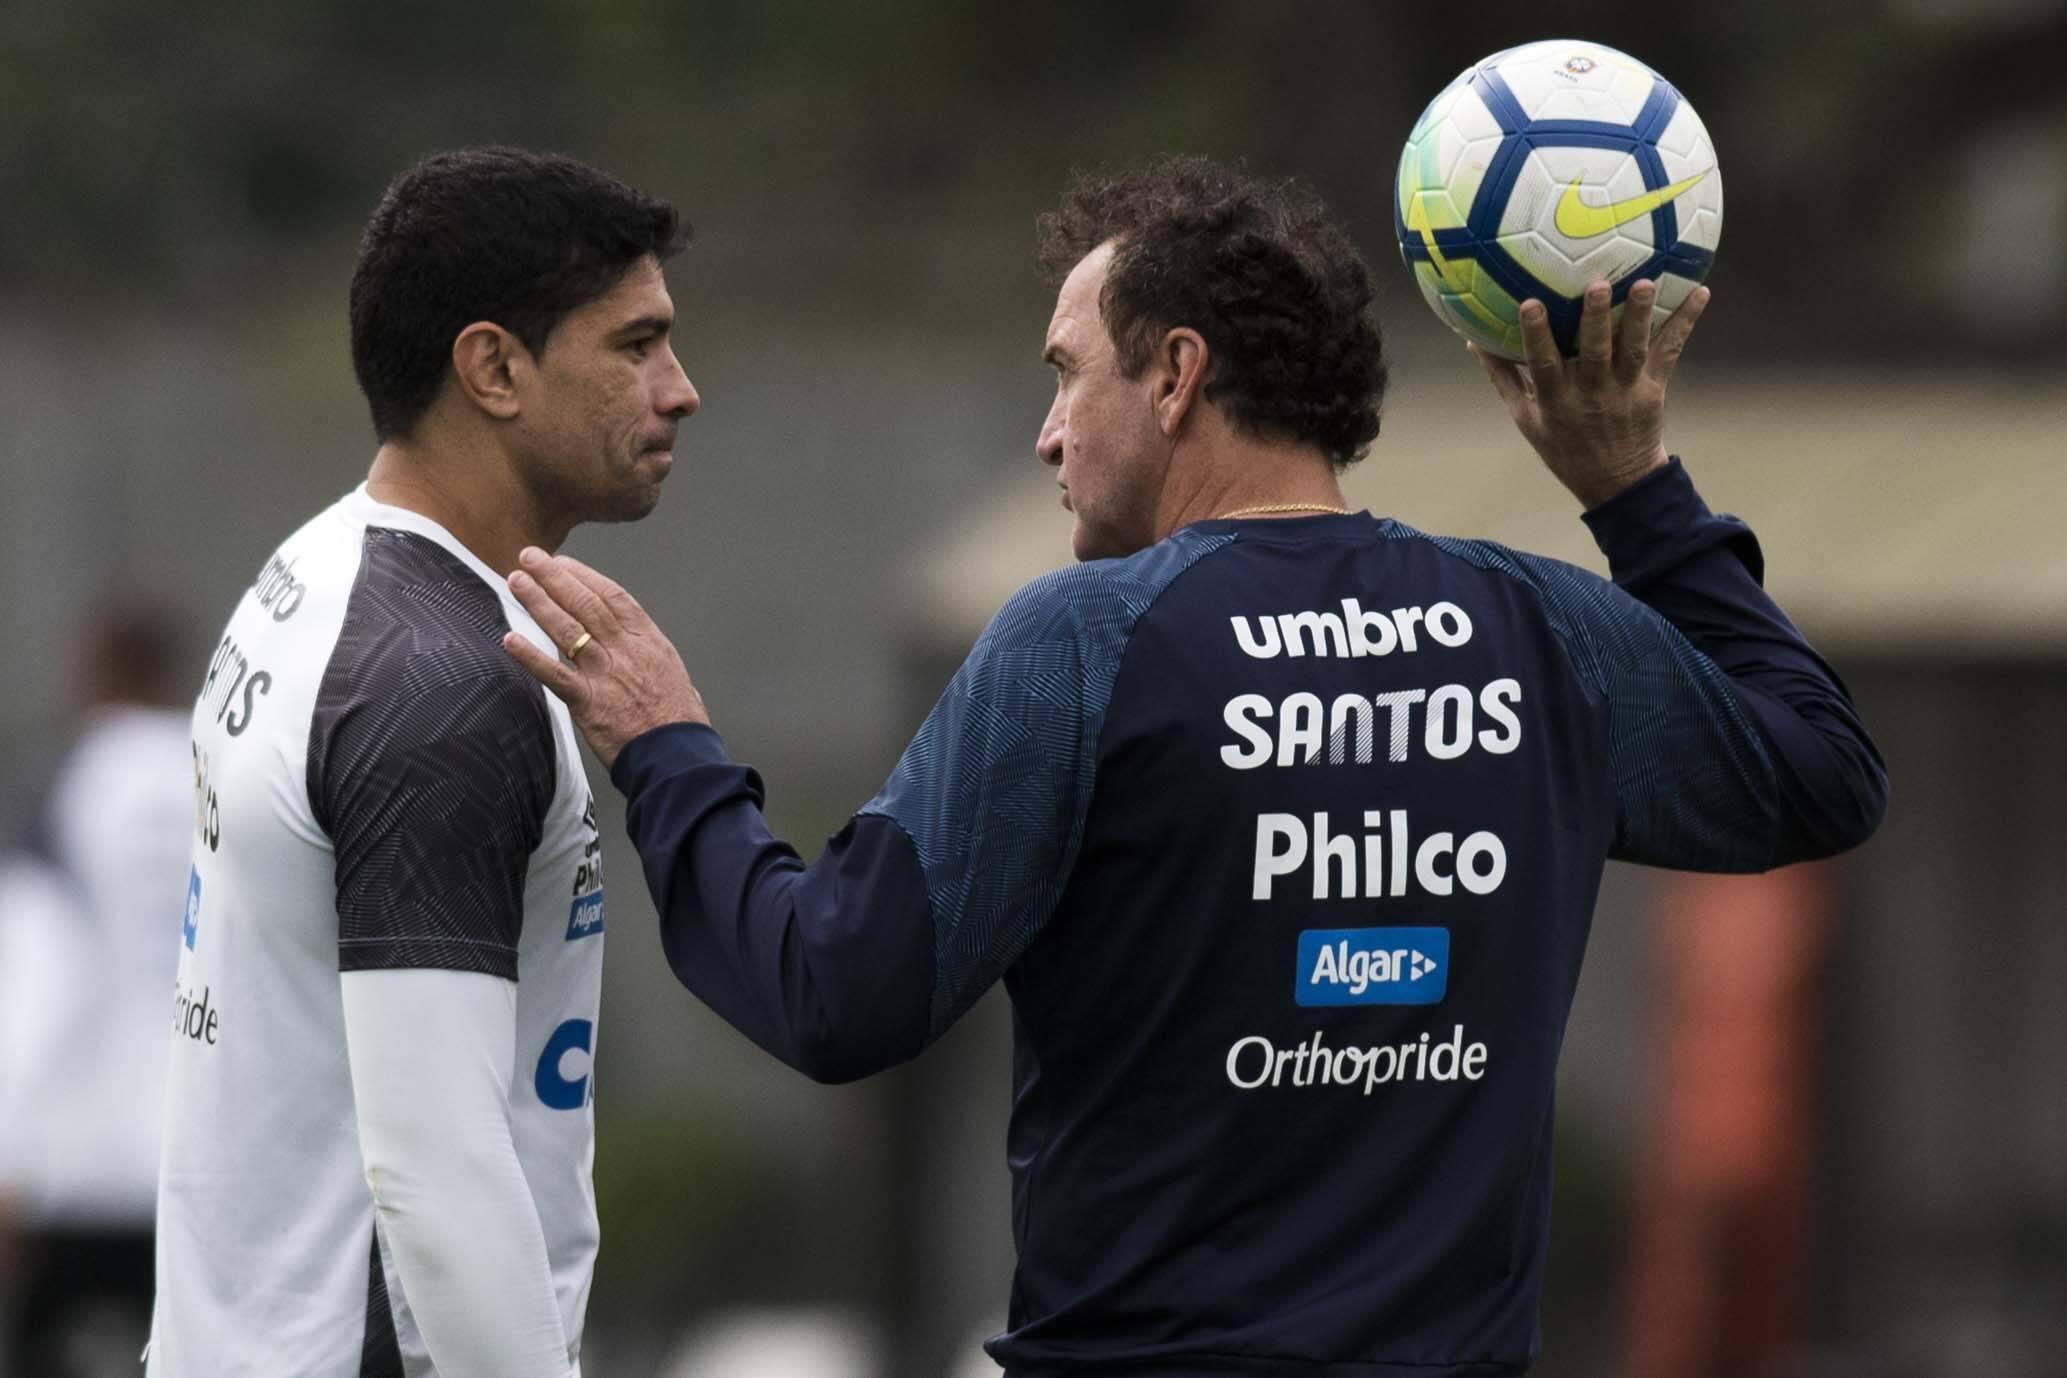 Foto: Santos/Divulgação